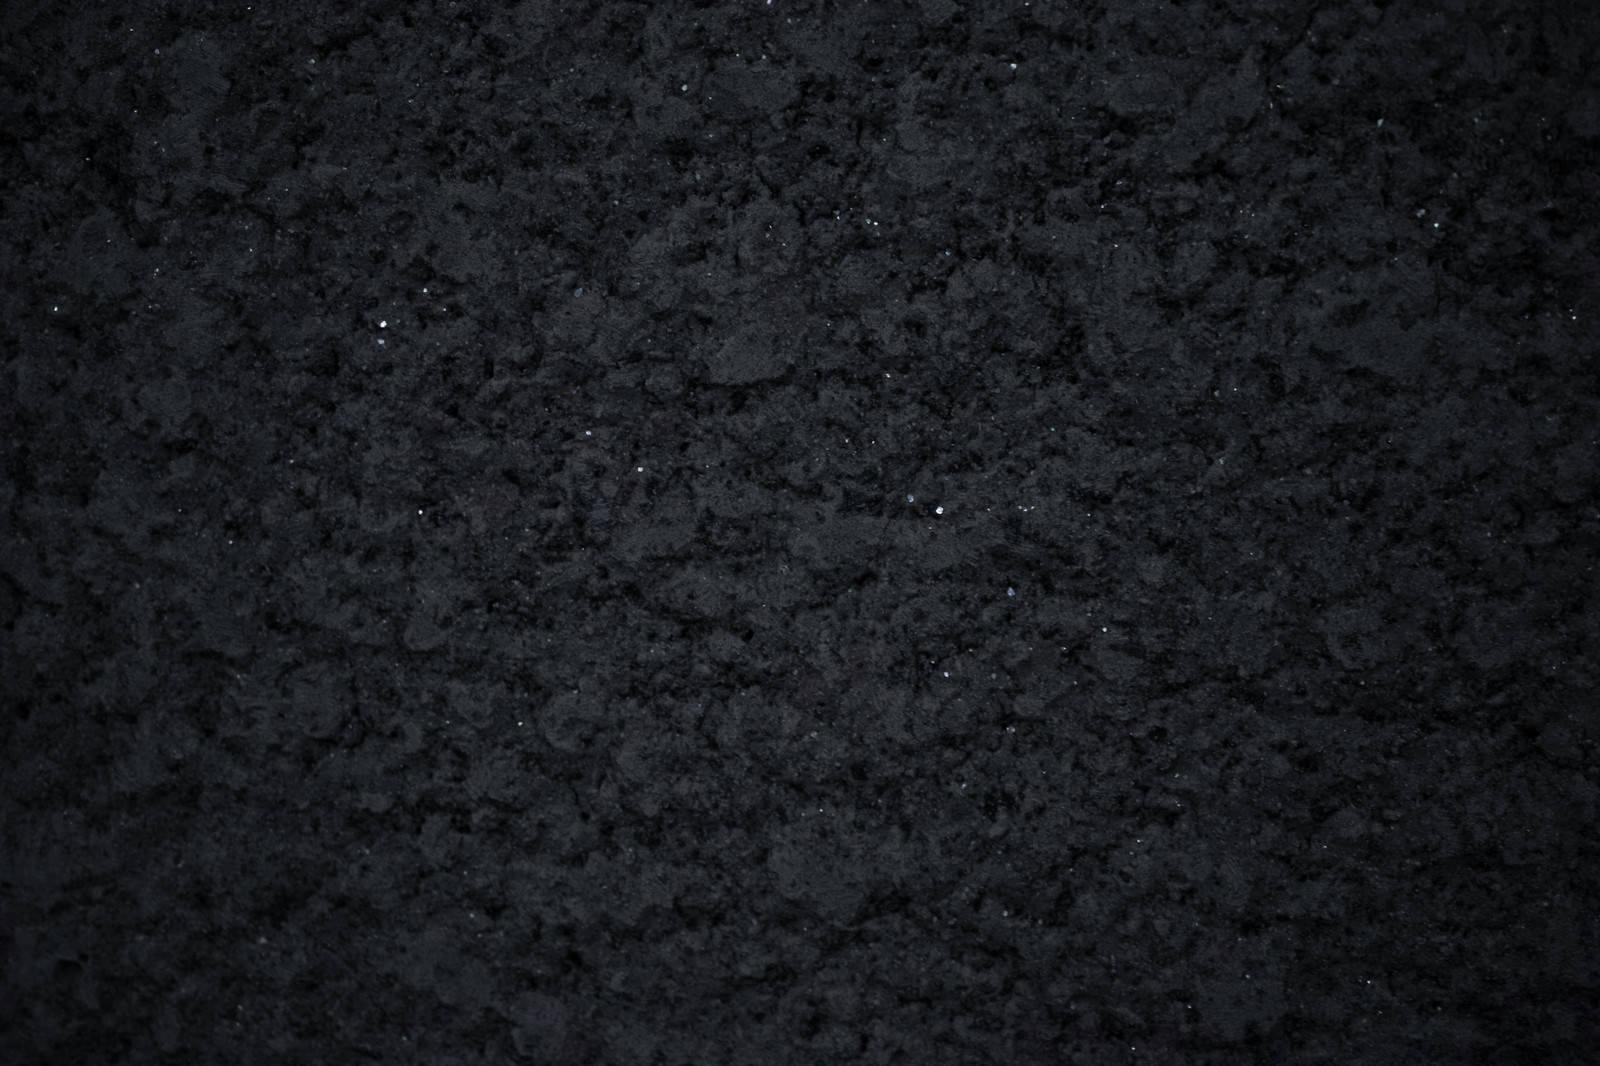 「白い細かい粒とアスファルト(テクスチャ)」の写真